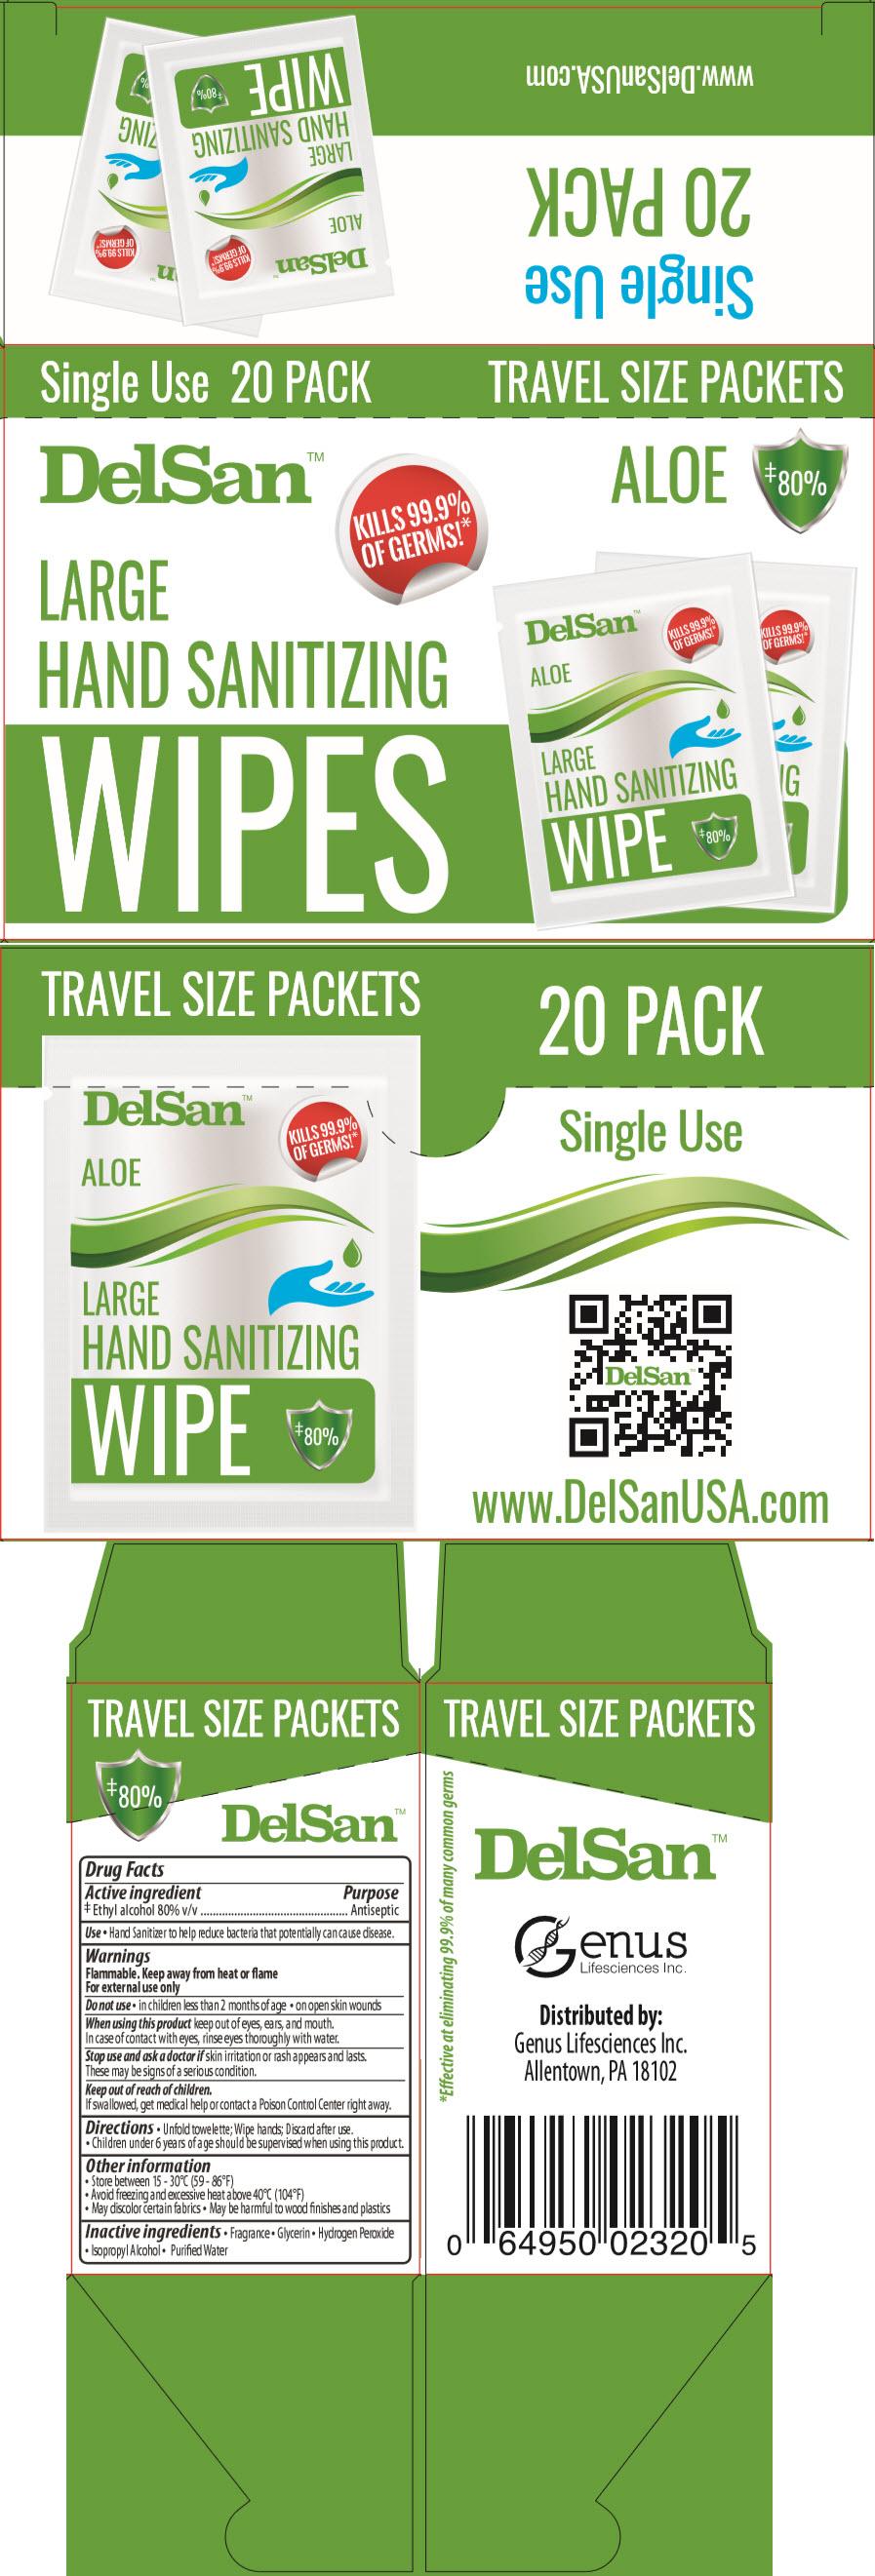 PRINCIPAL DISPLAY PANEL - 20 Packet Carton - Aloe